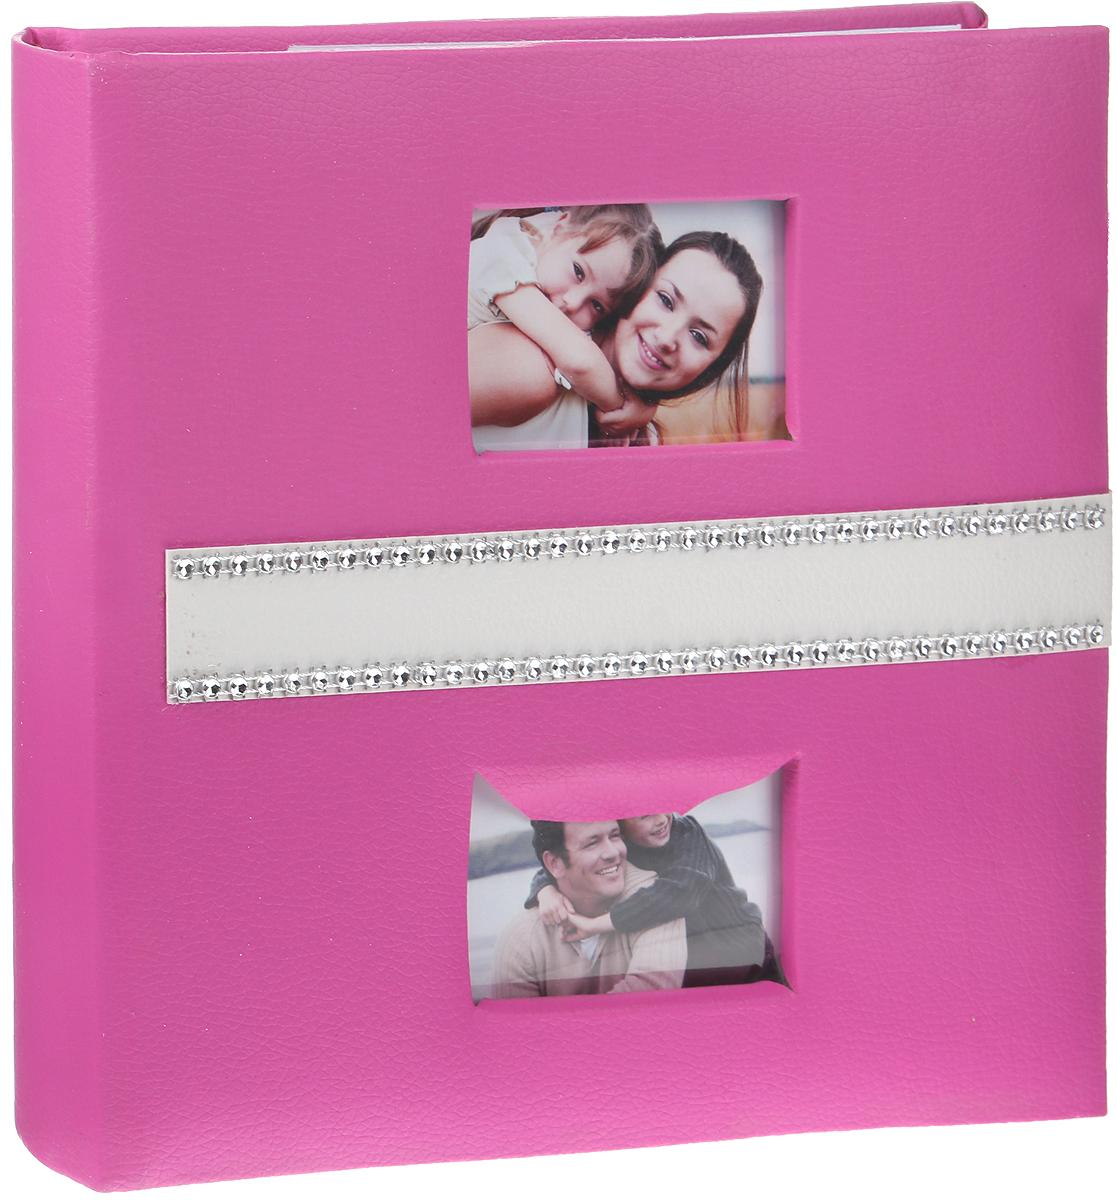 Фотоальбом Brauberg, с рамкой для фото, цвет: розовый, 20 магнитных листов, 23 x 28 см фотоальбом 10 магнитных листов 23 28см pioneer gold princess на спирали